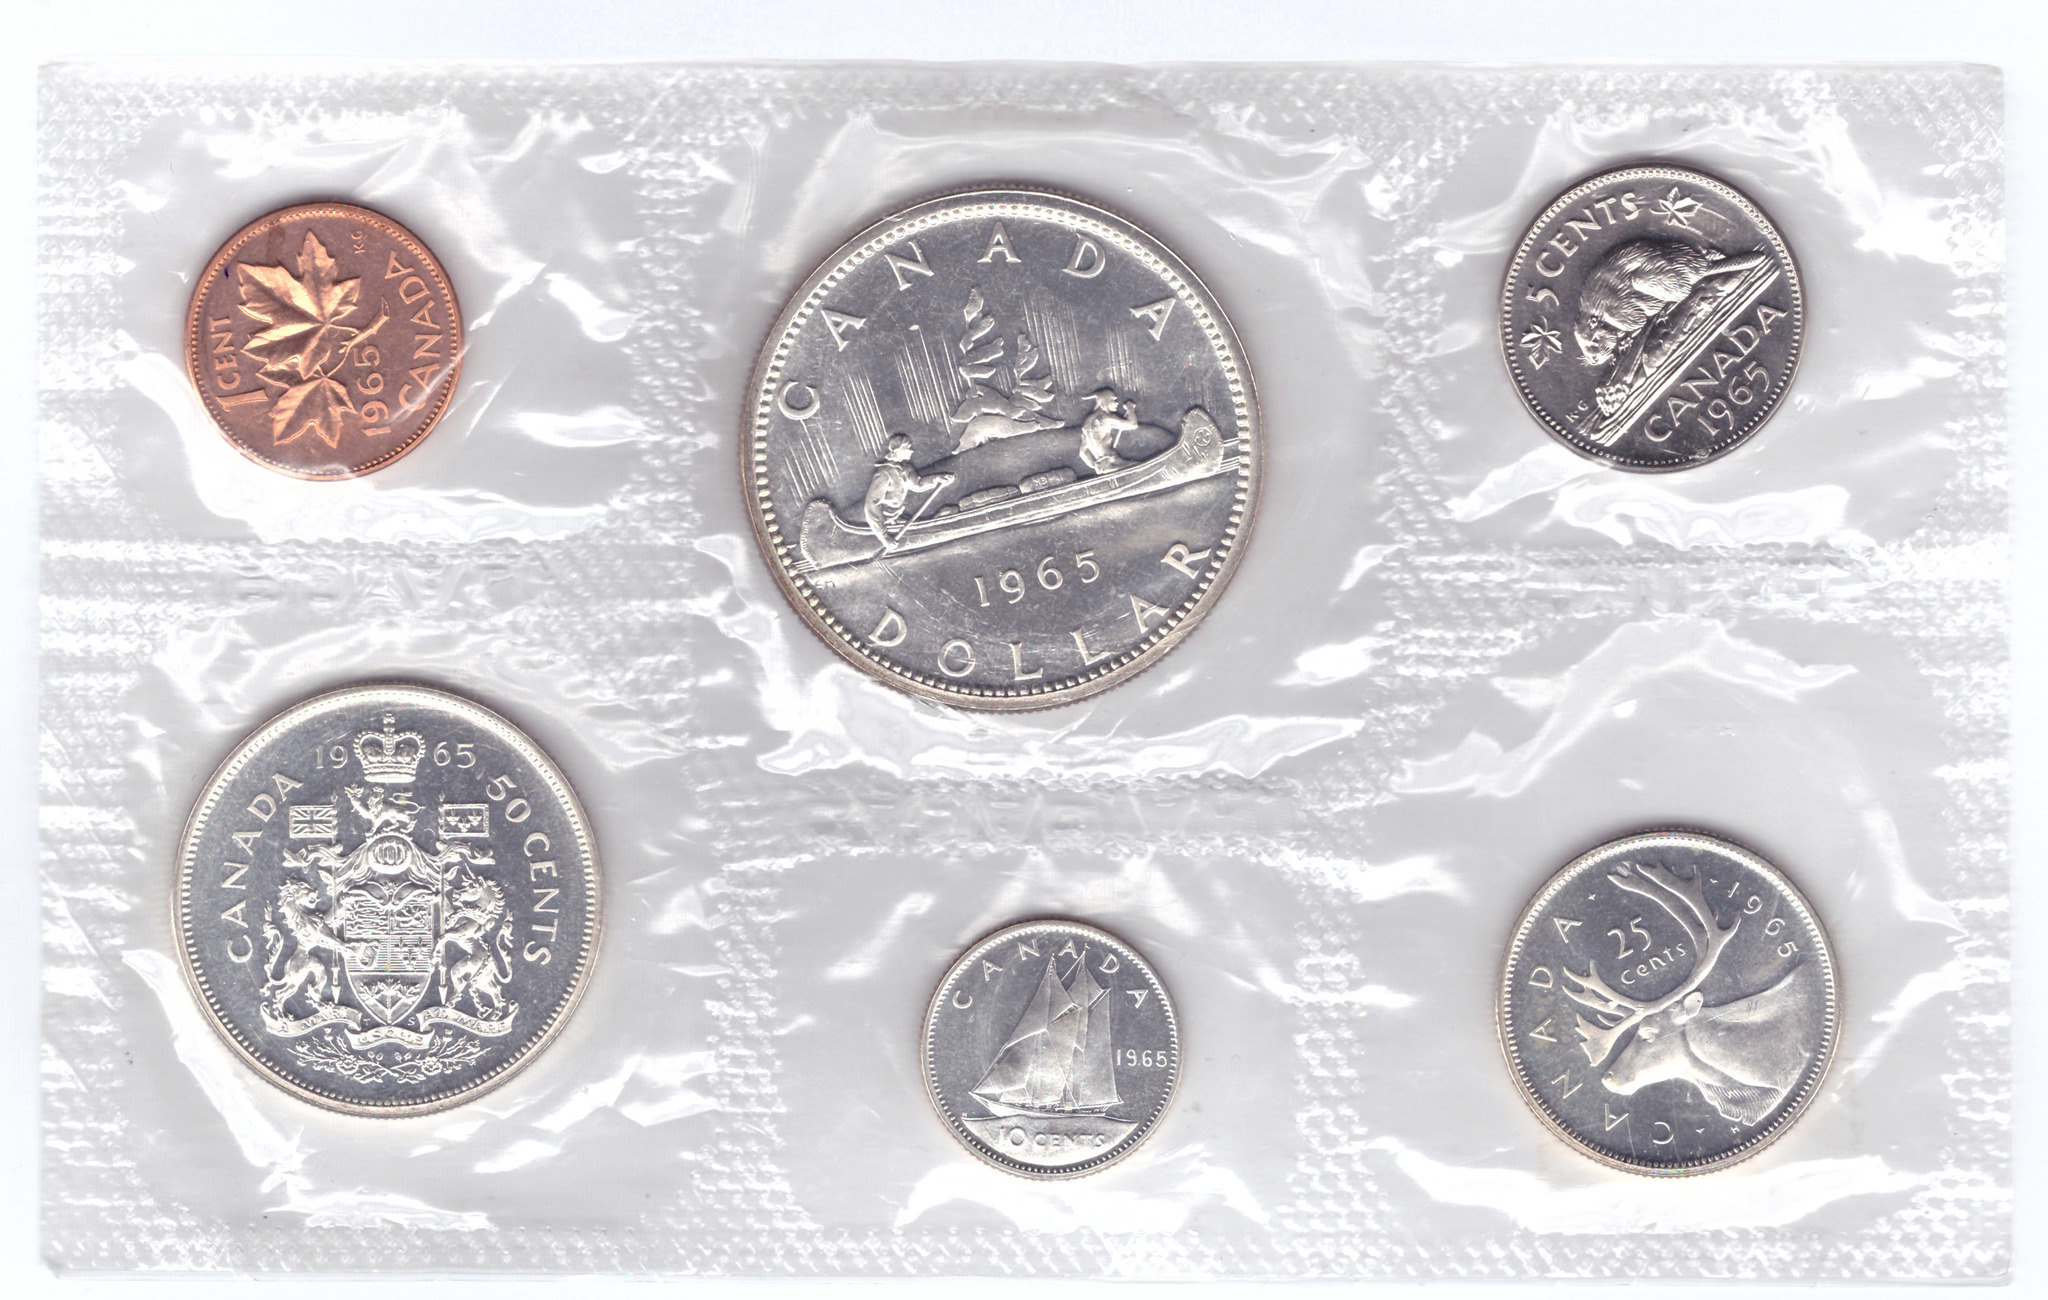 Набор из 6 монет Канады 1965 PROOF (Серебро, медь)